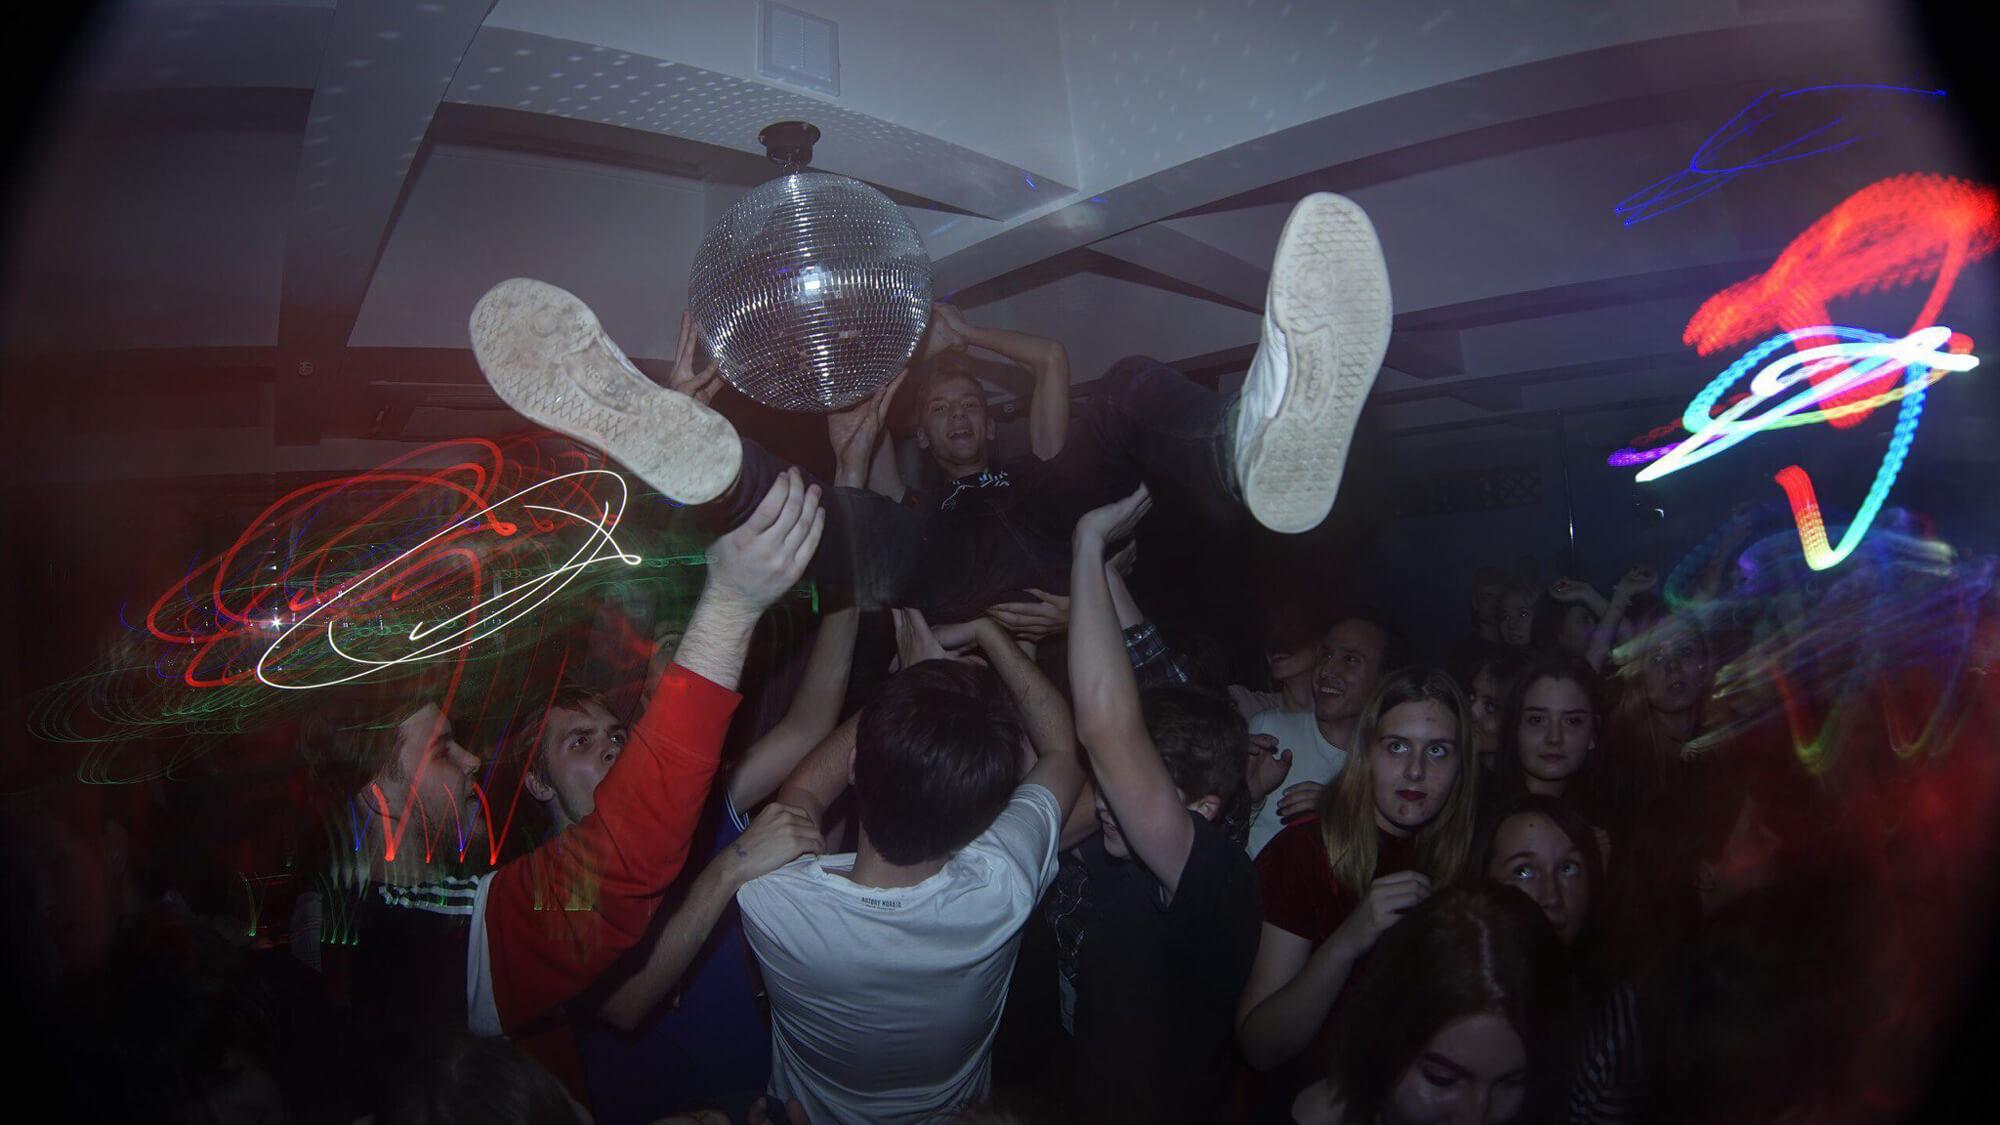 Люди  «Танцуй, или иди к черту». Лидер объединения «культпросвет» о независимой сцене